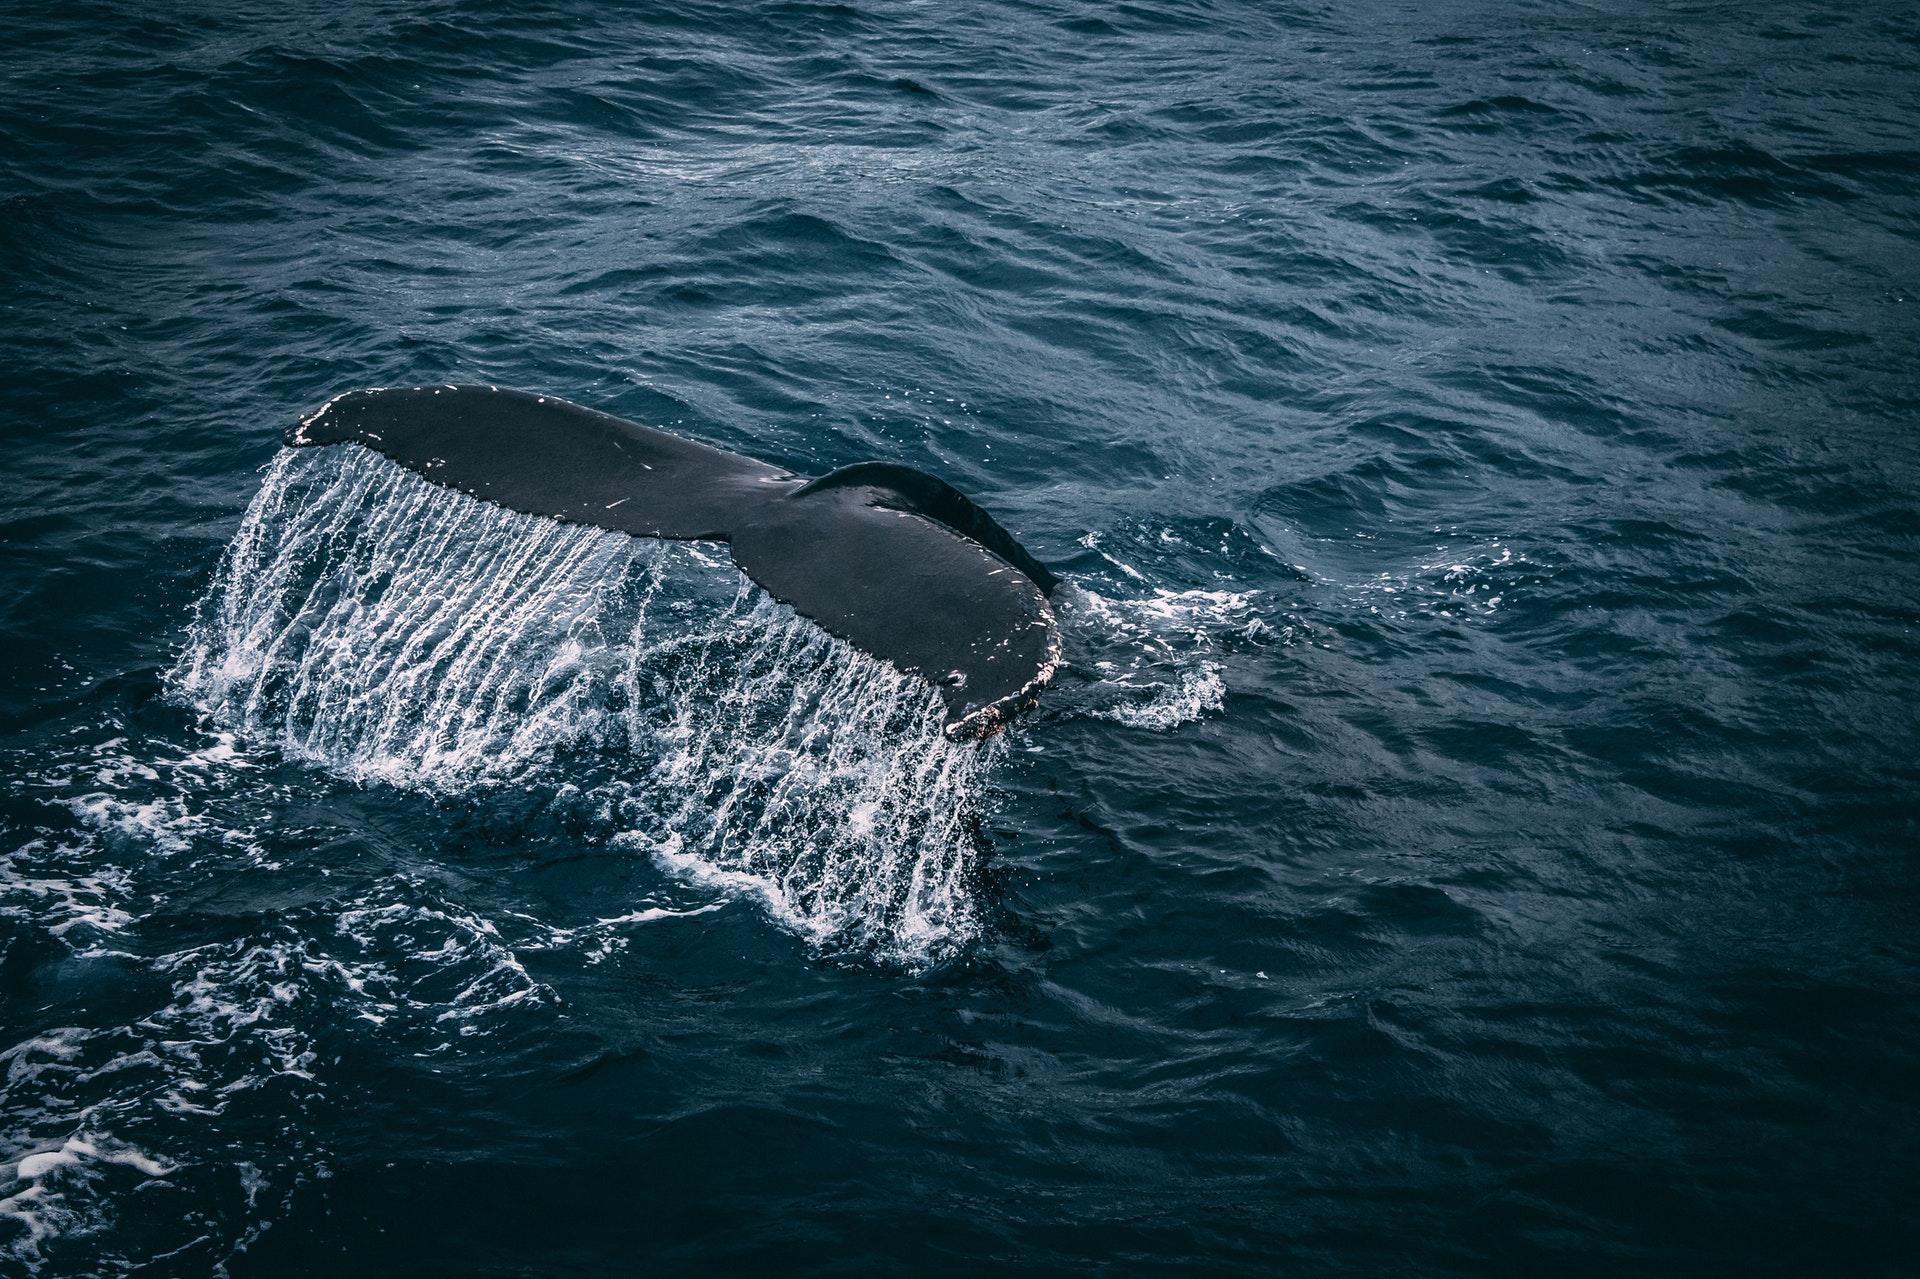 nyheder, news, Grindehvaler, hvaler, havet, strandede hvaler, naturen